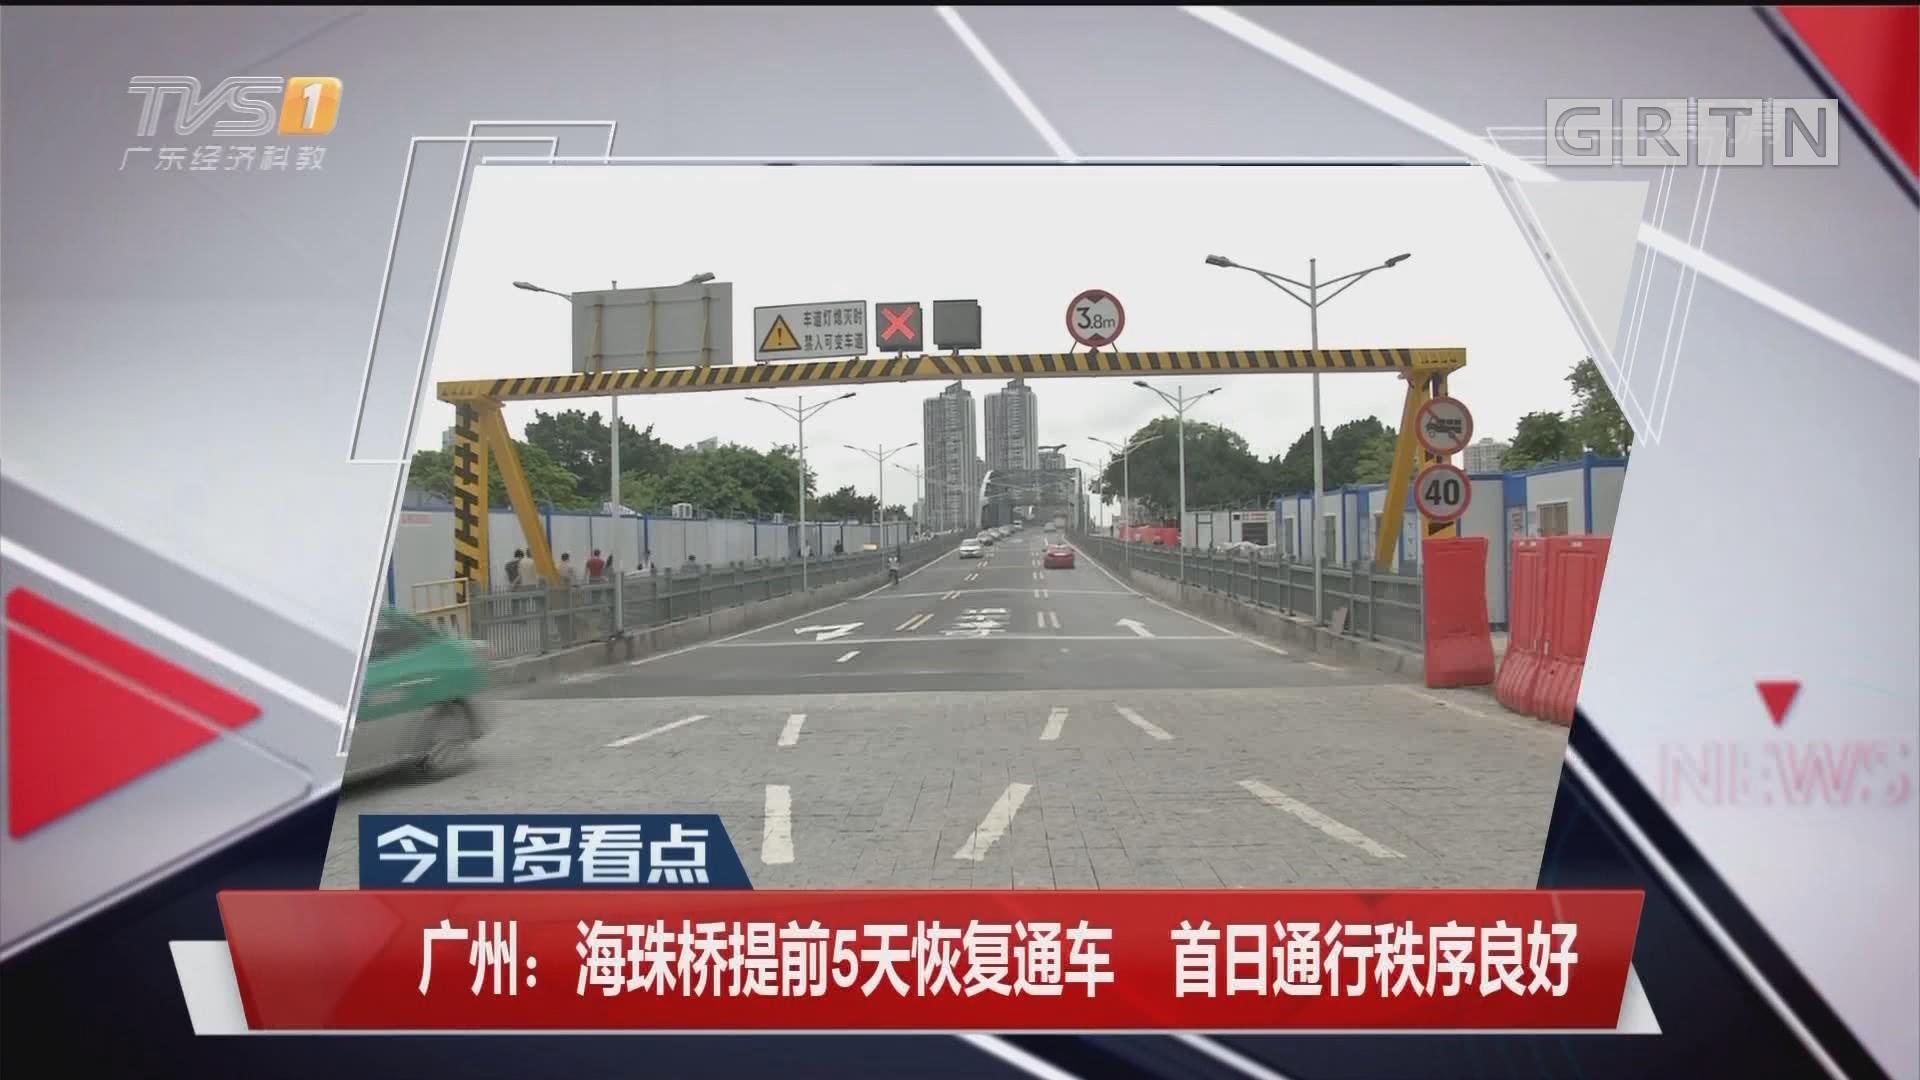 广州:海珠桥提前5天恢复通车 首日通行秩序良好